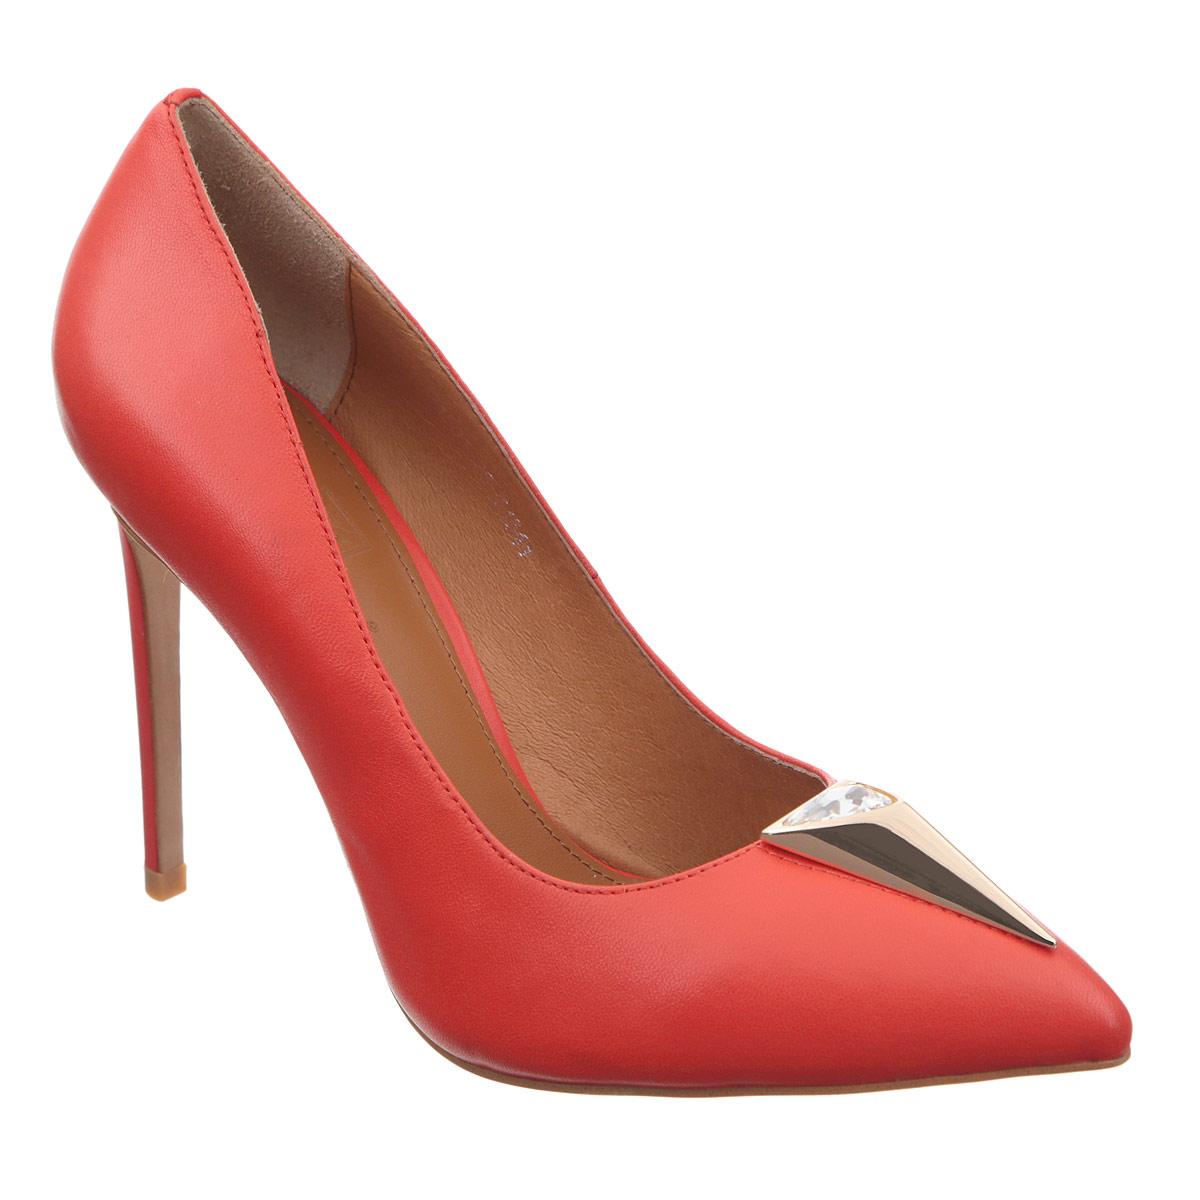 Туфли женские Grand Style, цвет: красный. 1501-28/T1541. Размер 371501-28/T1541Оригинальные женские туфли Grand Style заинтересуют вас своим дизайном. Модель выполнена из высококачественной натуральной кожи. Мыс туфель оформлен декоративным треугольным элементом из металла, инкрустированным крупным стразом. Зауженный носок добавит женственности в ваш образ. Стелька из натуральной кожи позволяет ногам дышать. Высокий каблук-шпилька компенсирован скрытой платформой. Подошва с рифлением обеспечивает отличное сцепление с любой поверхностью.Изысканные туфли добавят шика в модный образ и подчеркнут ваш безупречный вкус.